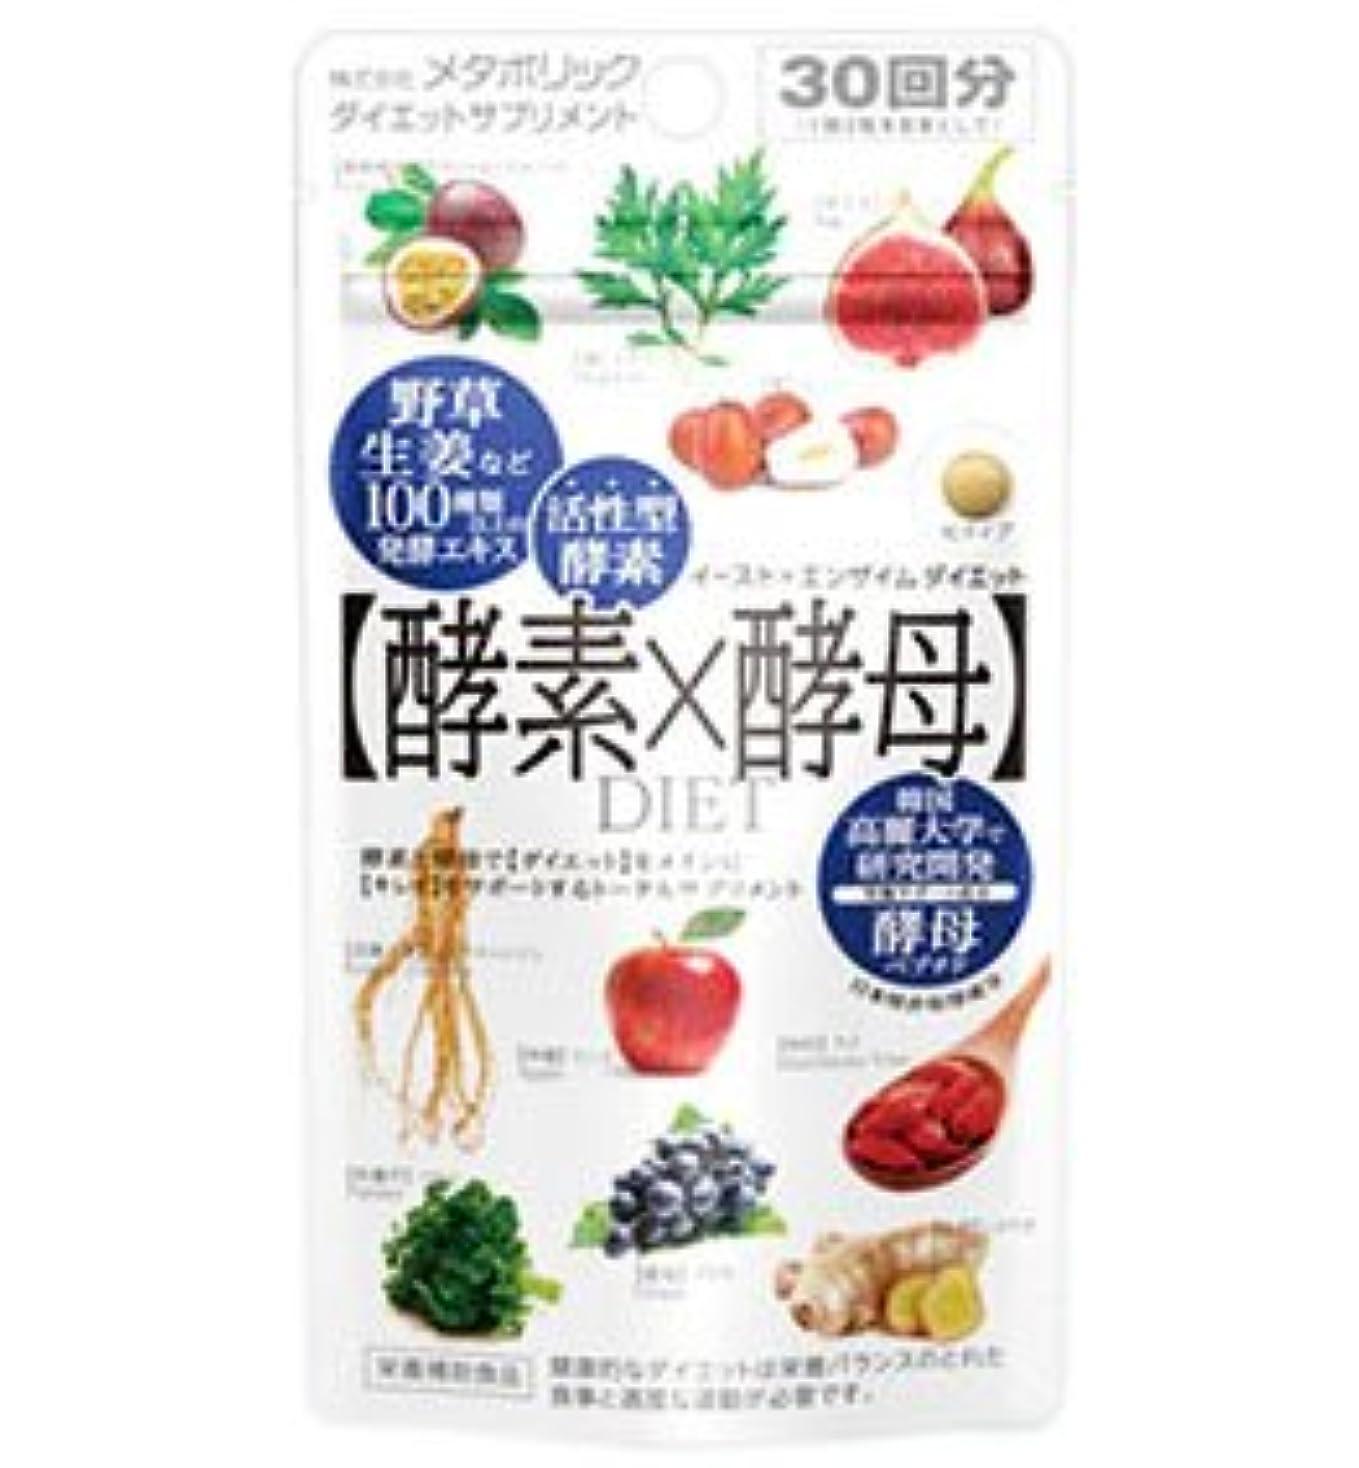 遵守する王朝月曜日酵素×酵母 イースト×エンザイムダイエット 60粒×3個セット